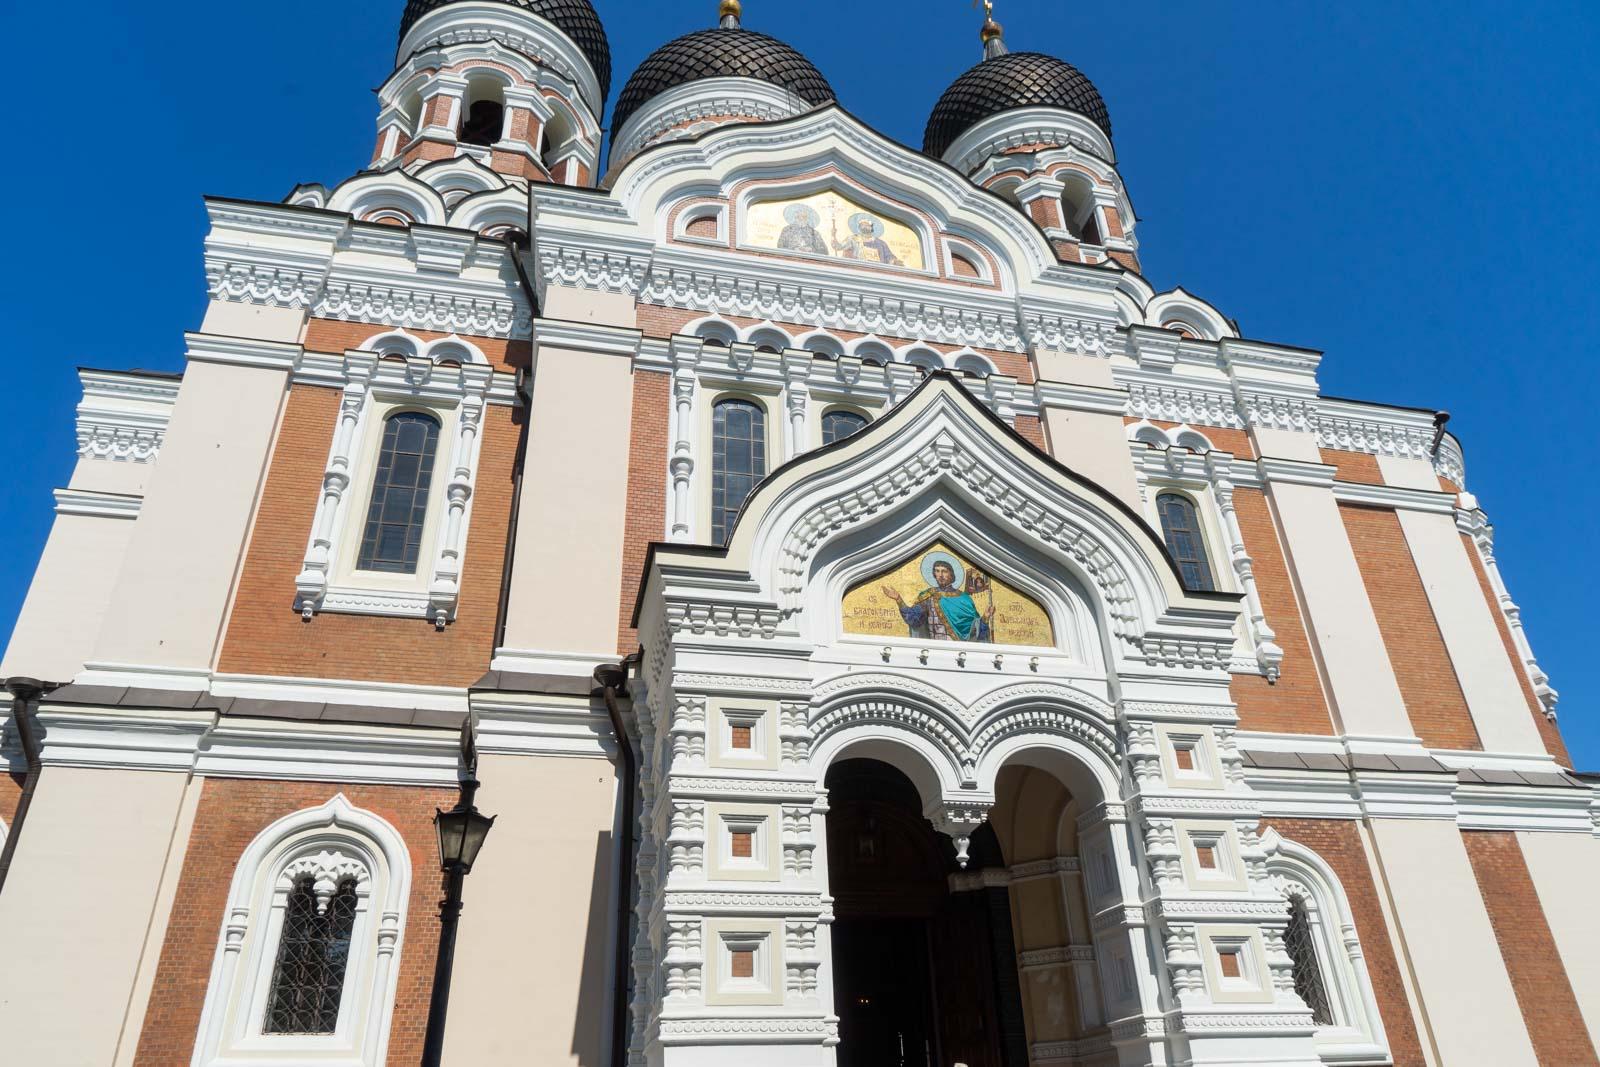 St Alexander Nevsky Cathedral, Tallinn, Estonia